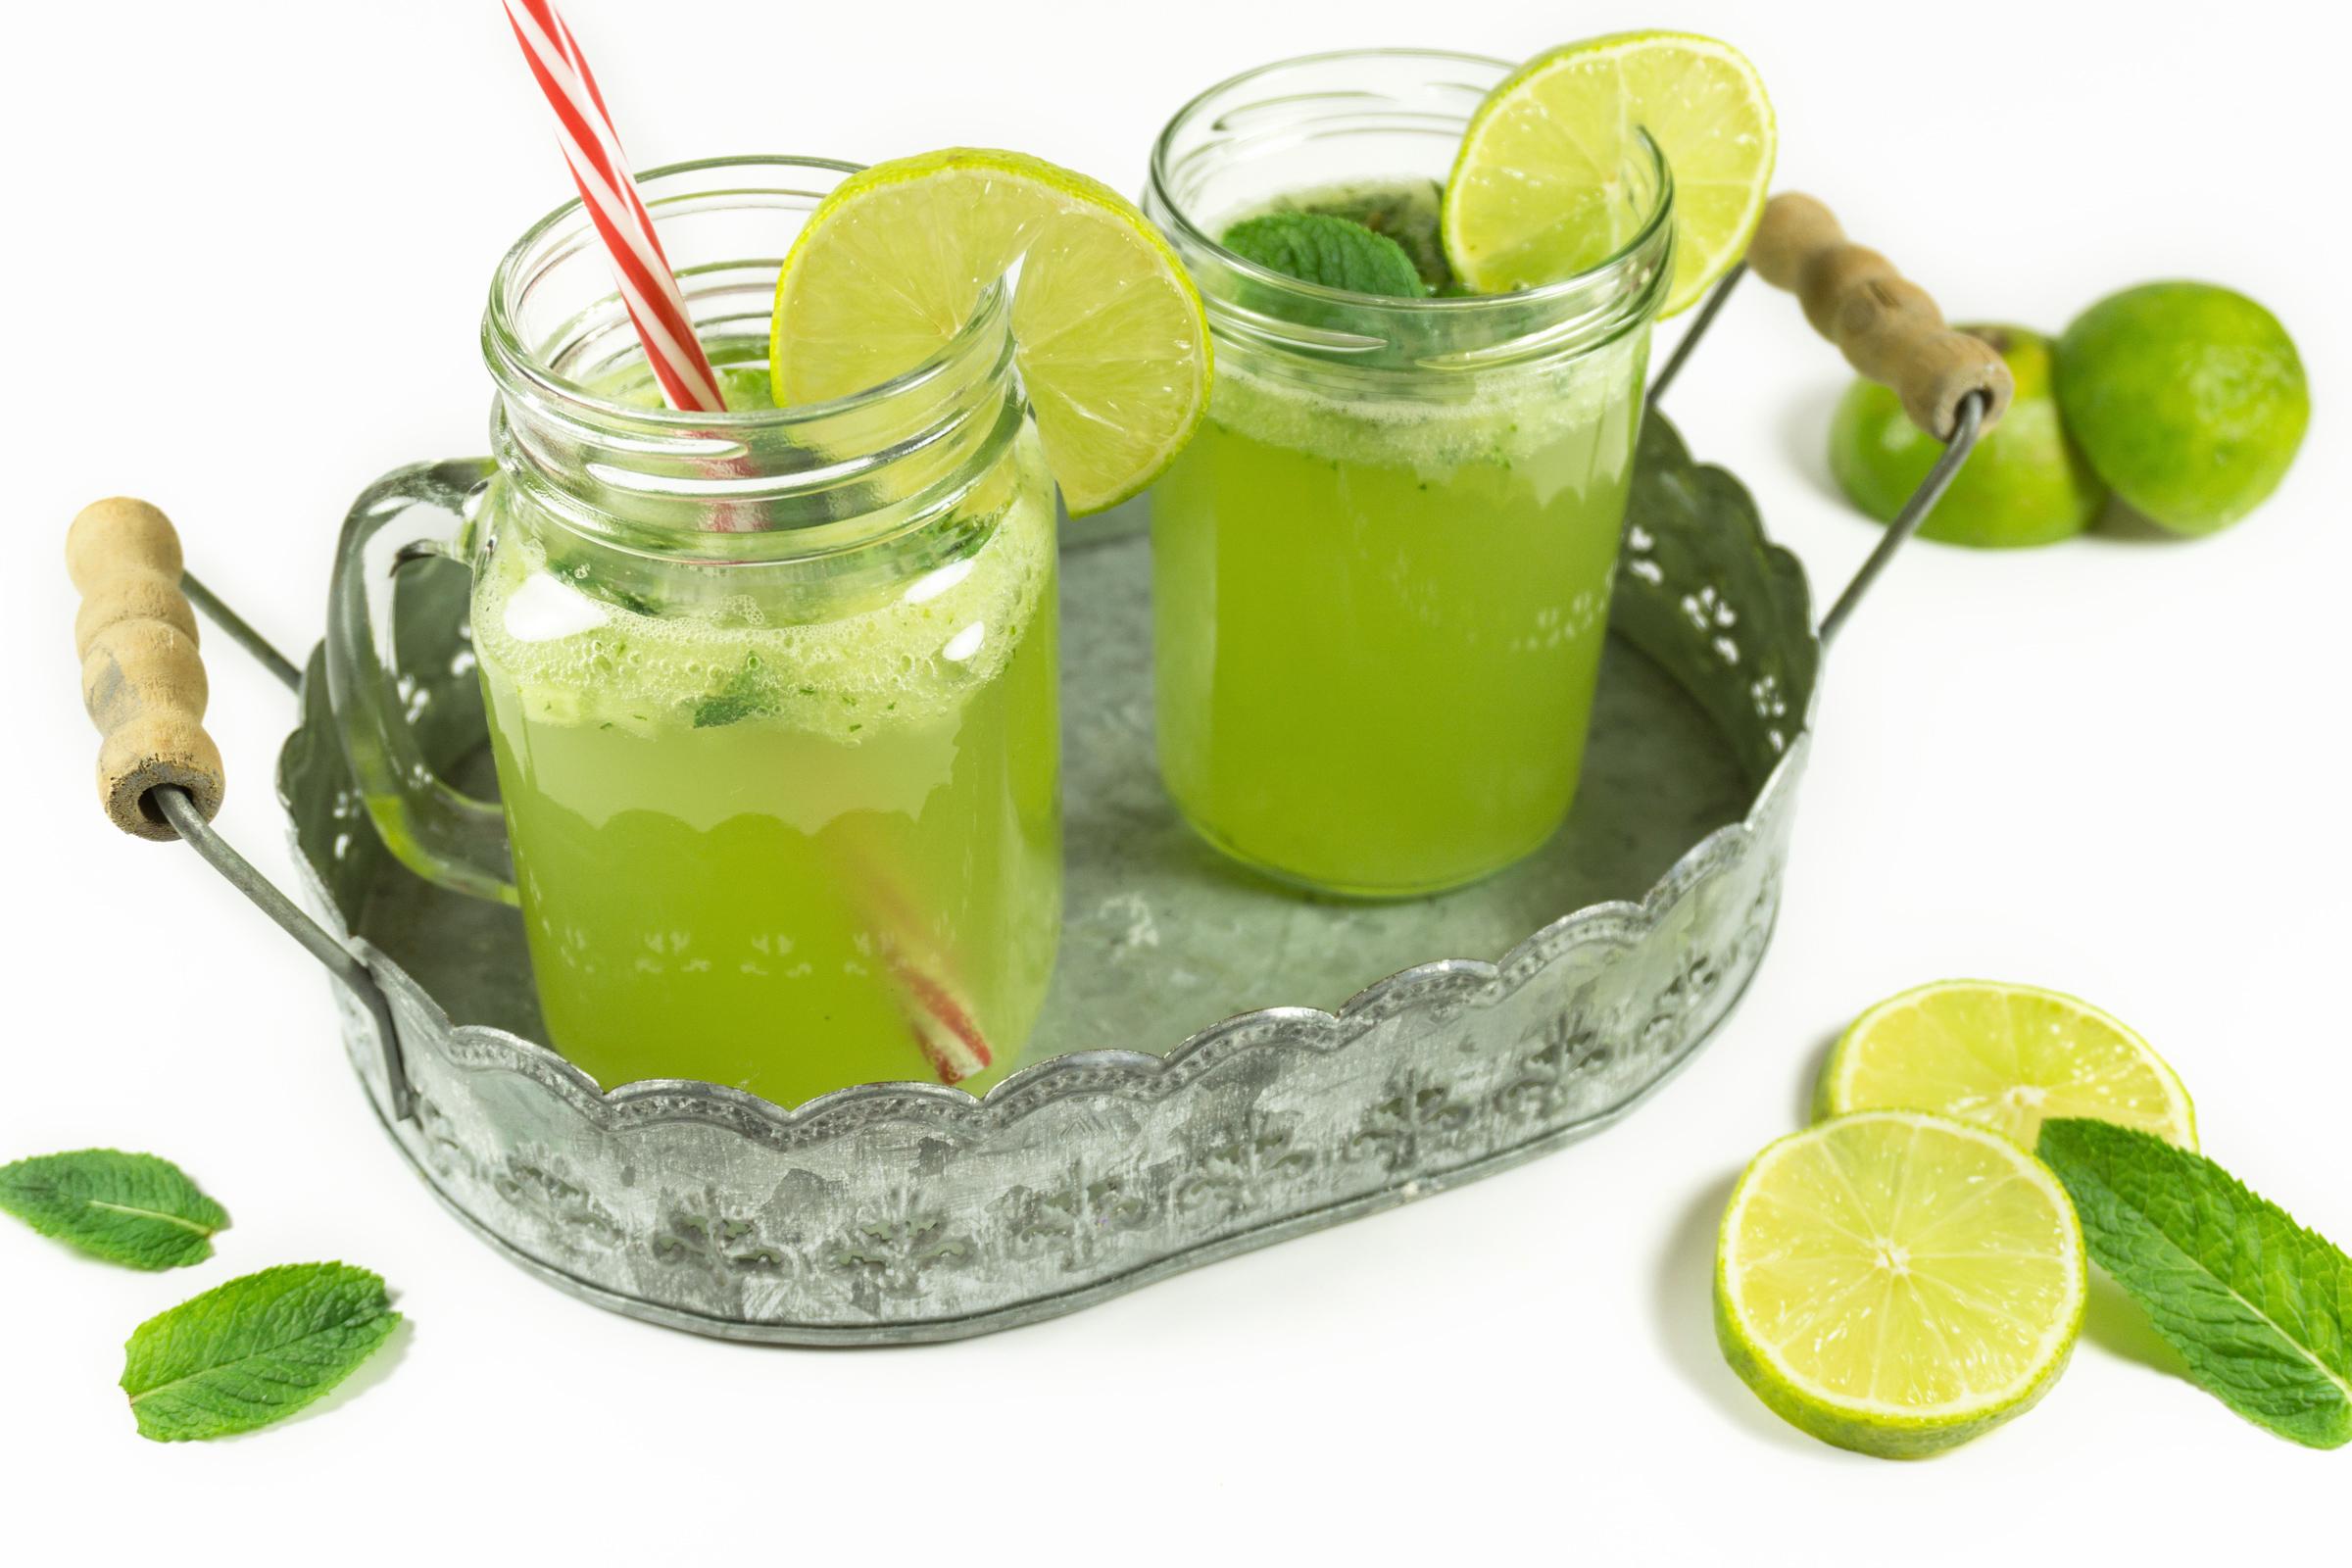 selbstgemachte limonade minze